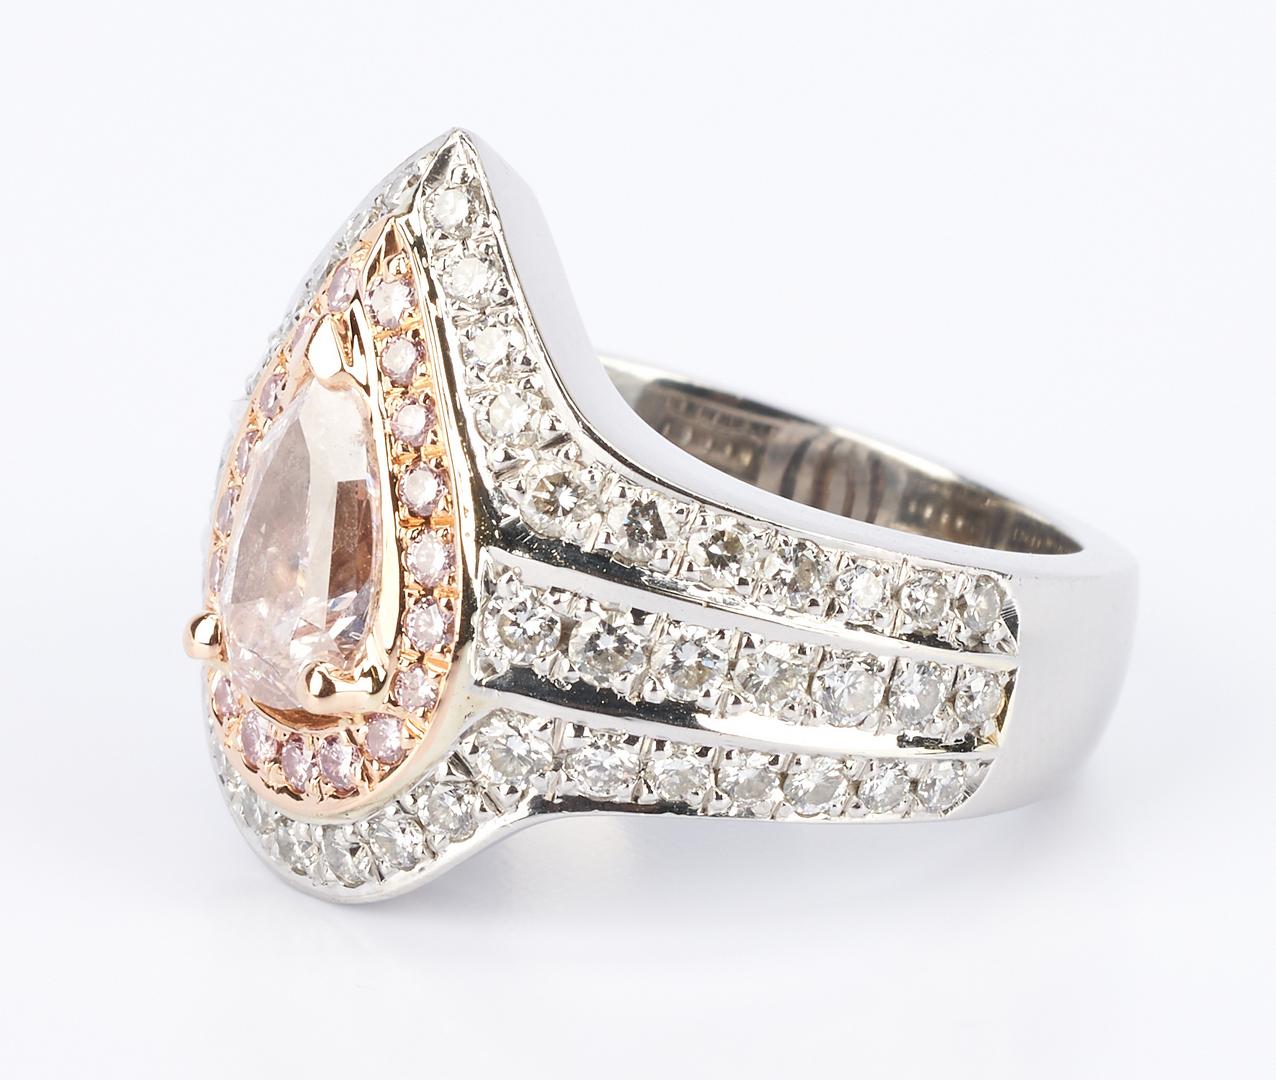 Lot 36: Ladies Platinum and Rose Gold Diamond Ring